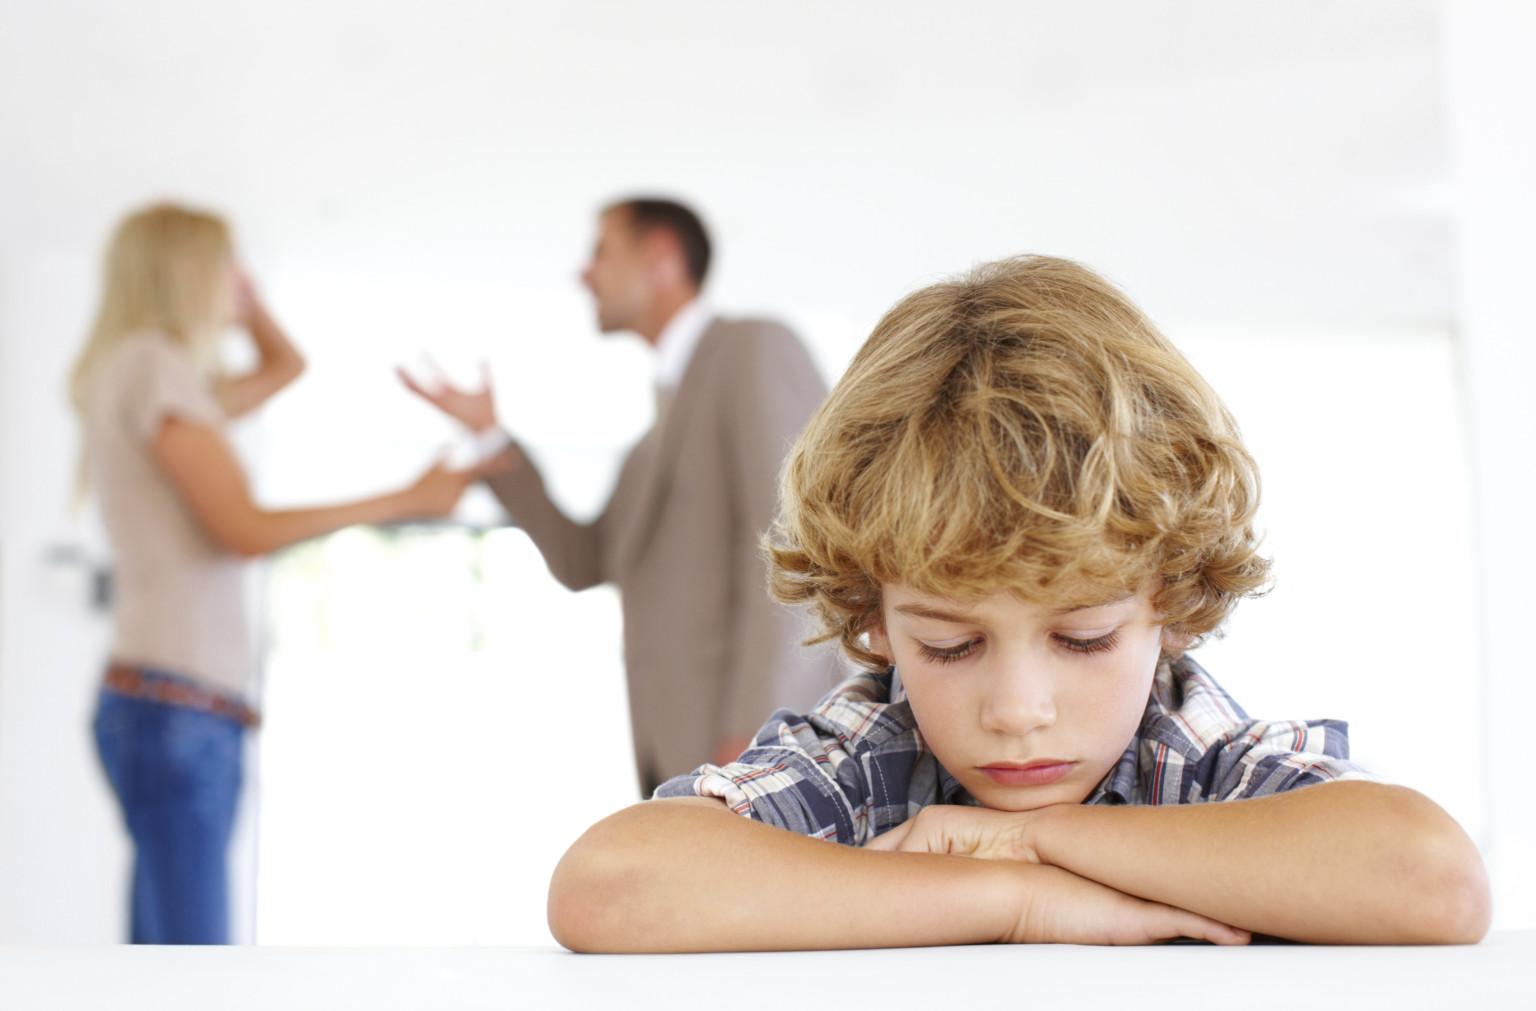 Το Δημοτικό στο Πανόραμα συζητά για την παιδική ψυχολογία